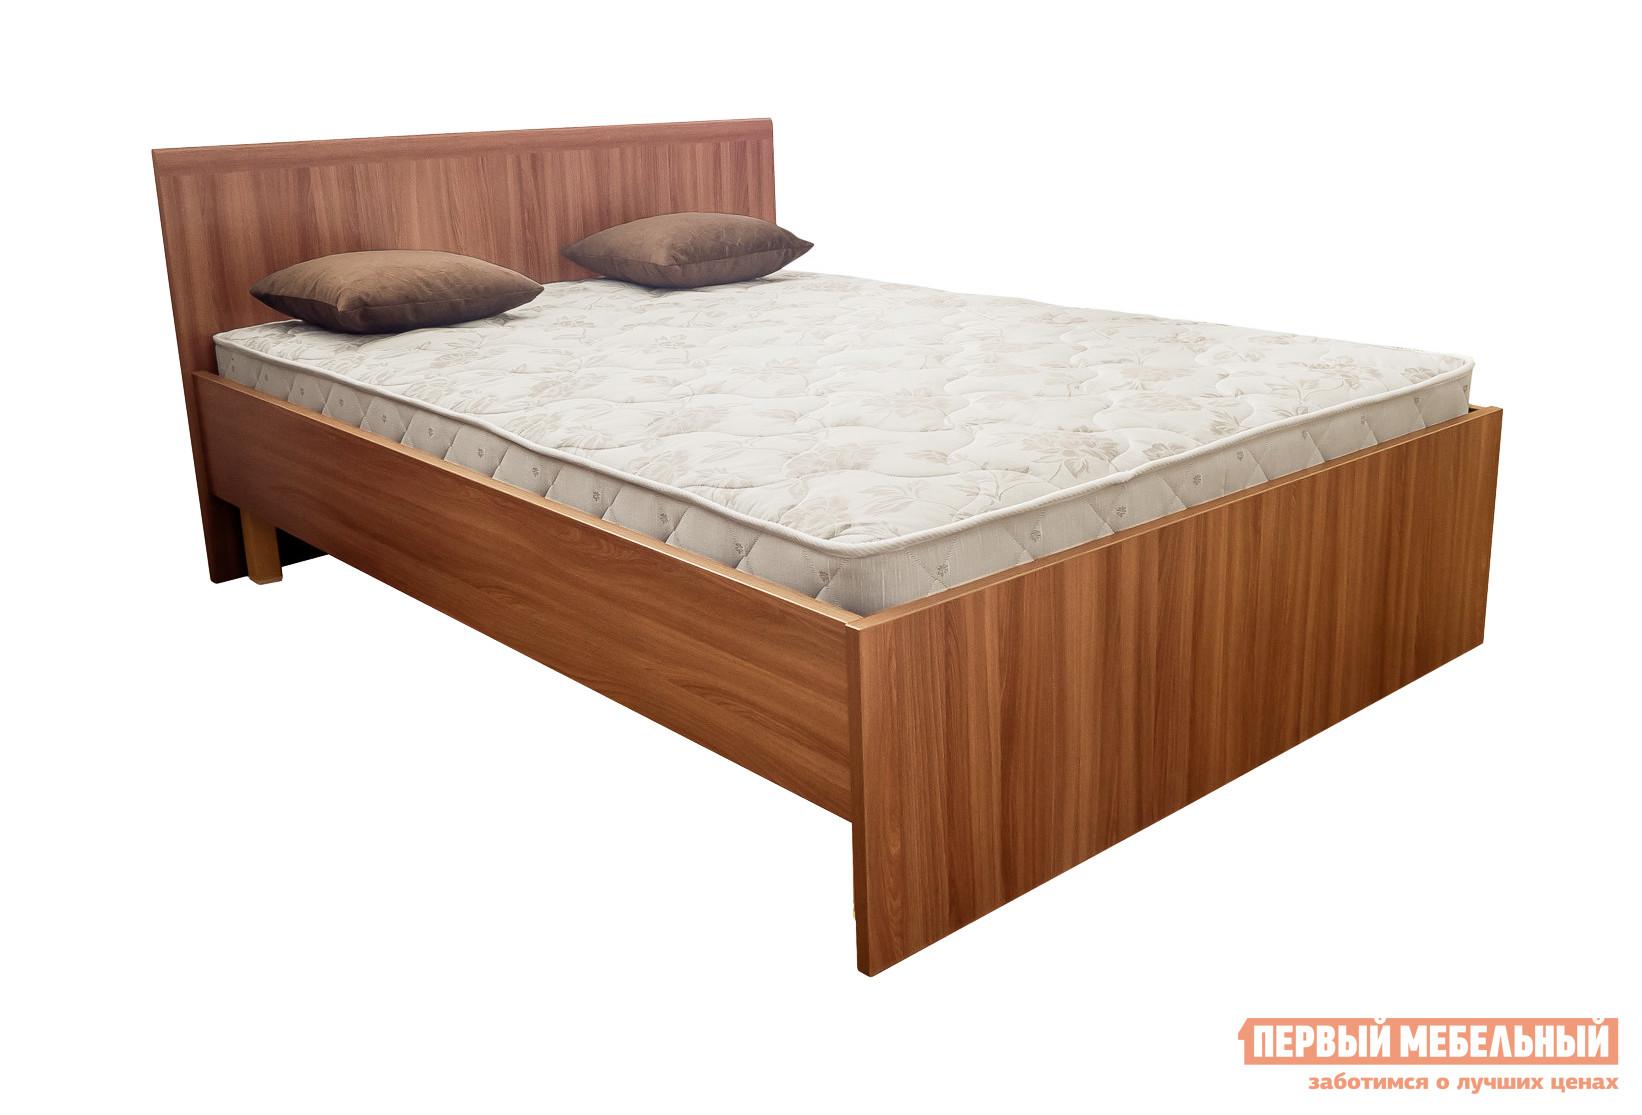 Односпальная кровать Боровичи Кровать Дрим